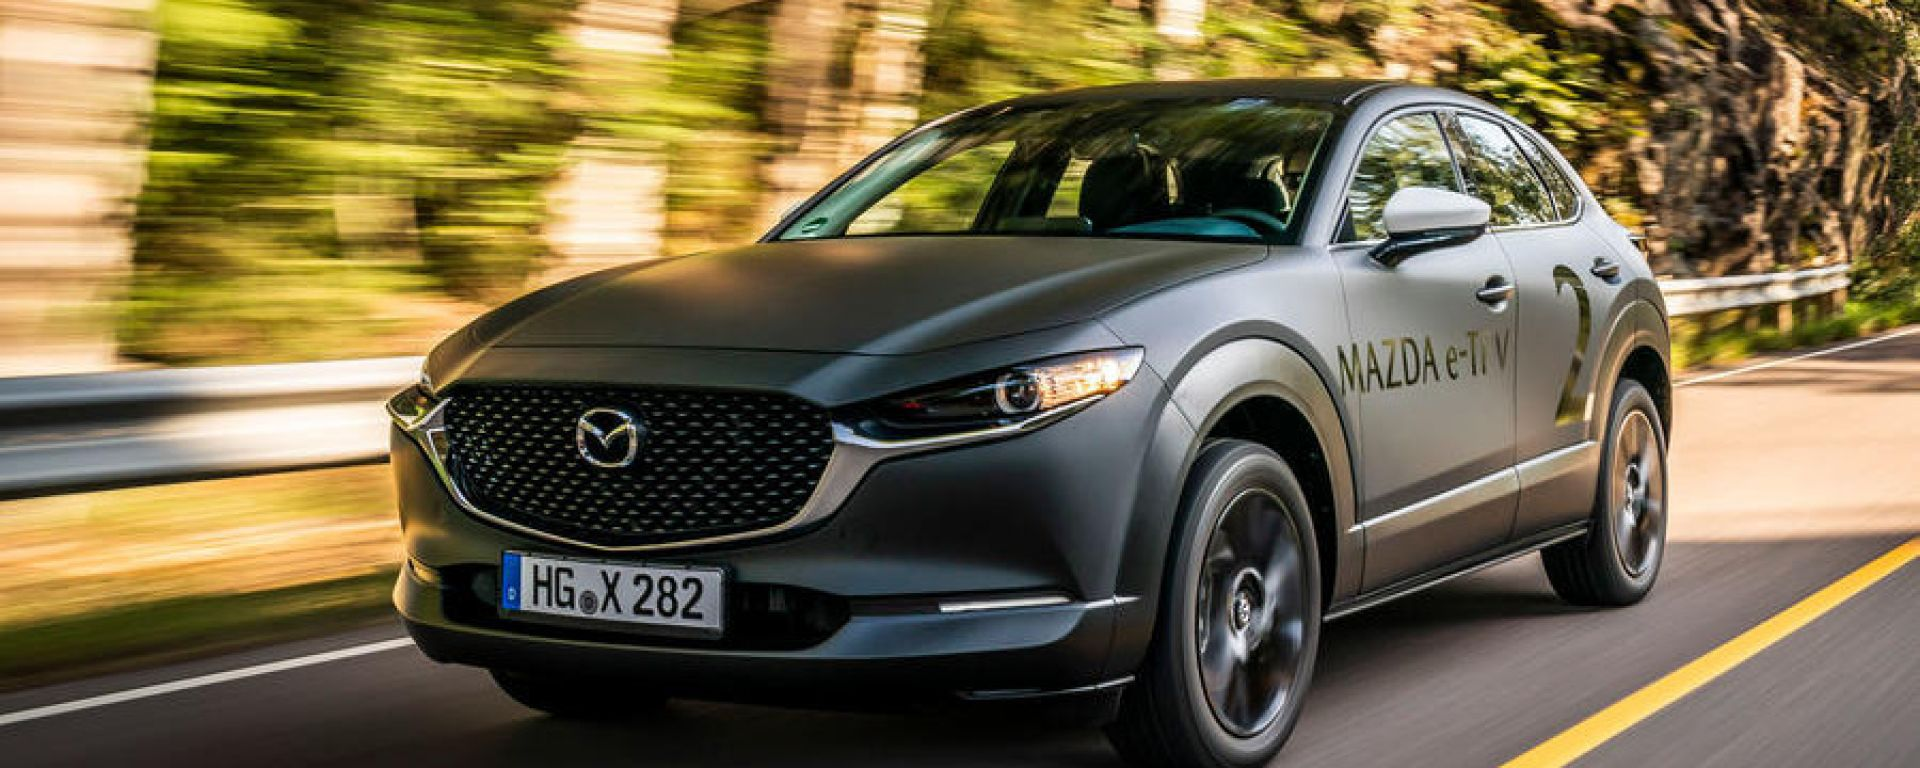 Mazda e-tpv il Suv CX-30 elettrico: il prototipo provato dalla stampa inglese